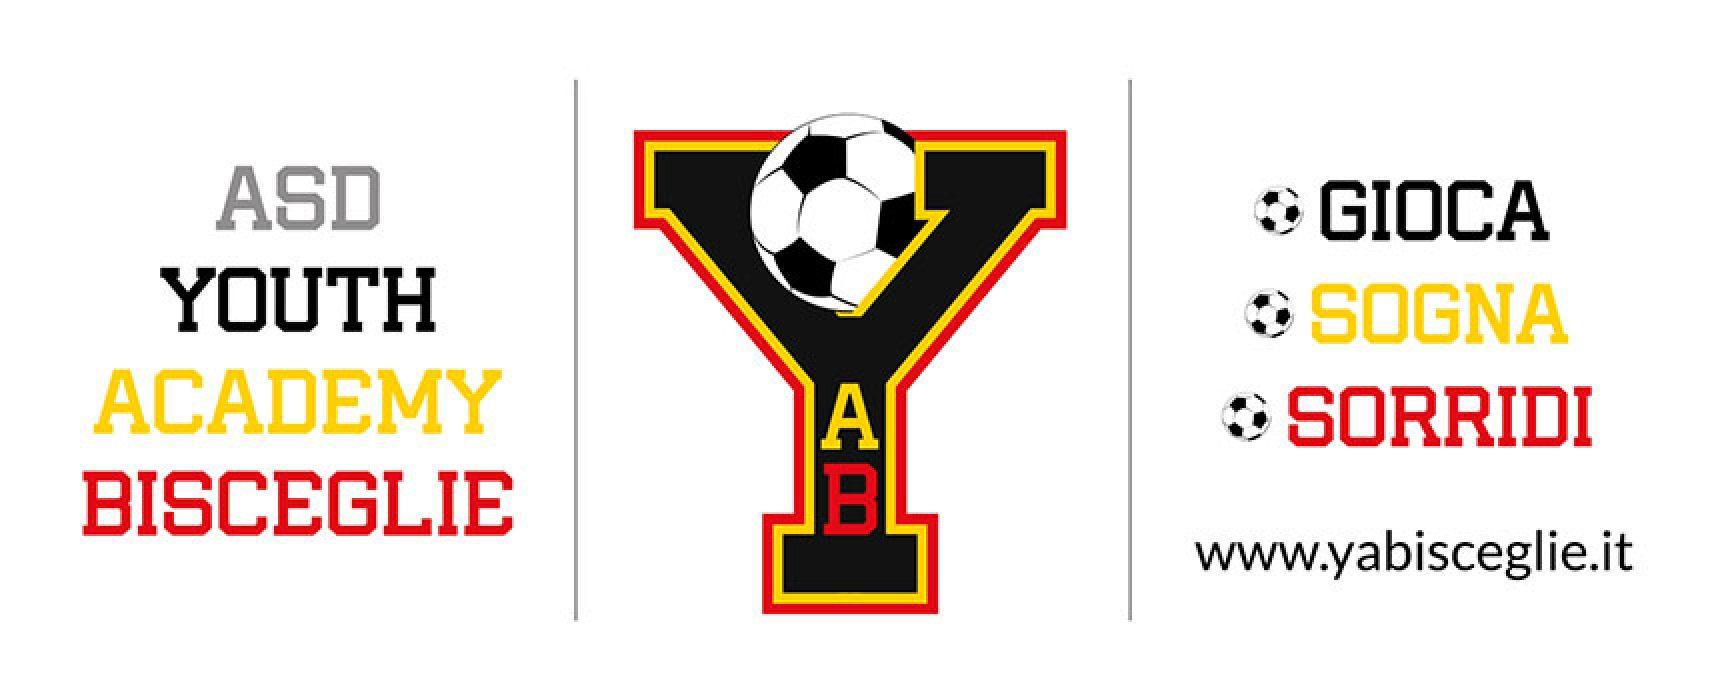 Youth Academy Bisceglie, il progetto giusto per i piccoli aspiranti calciatori